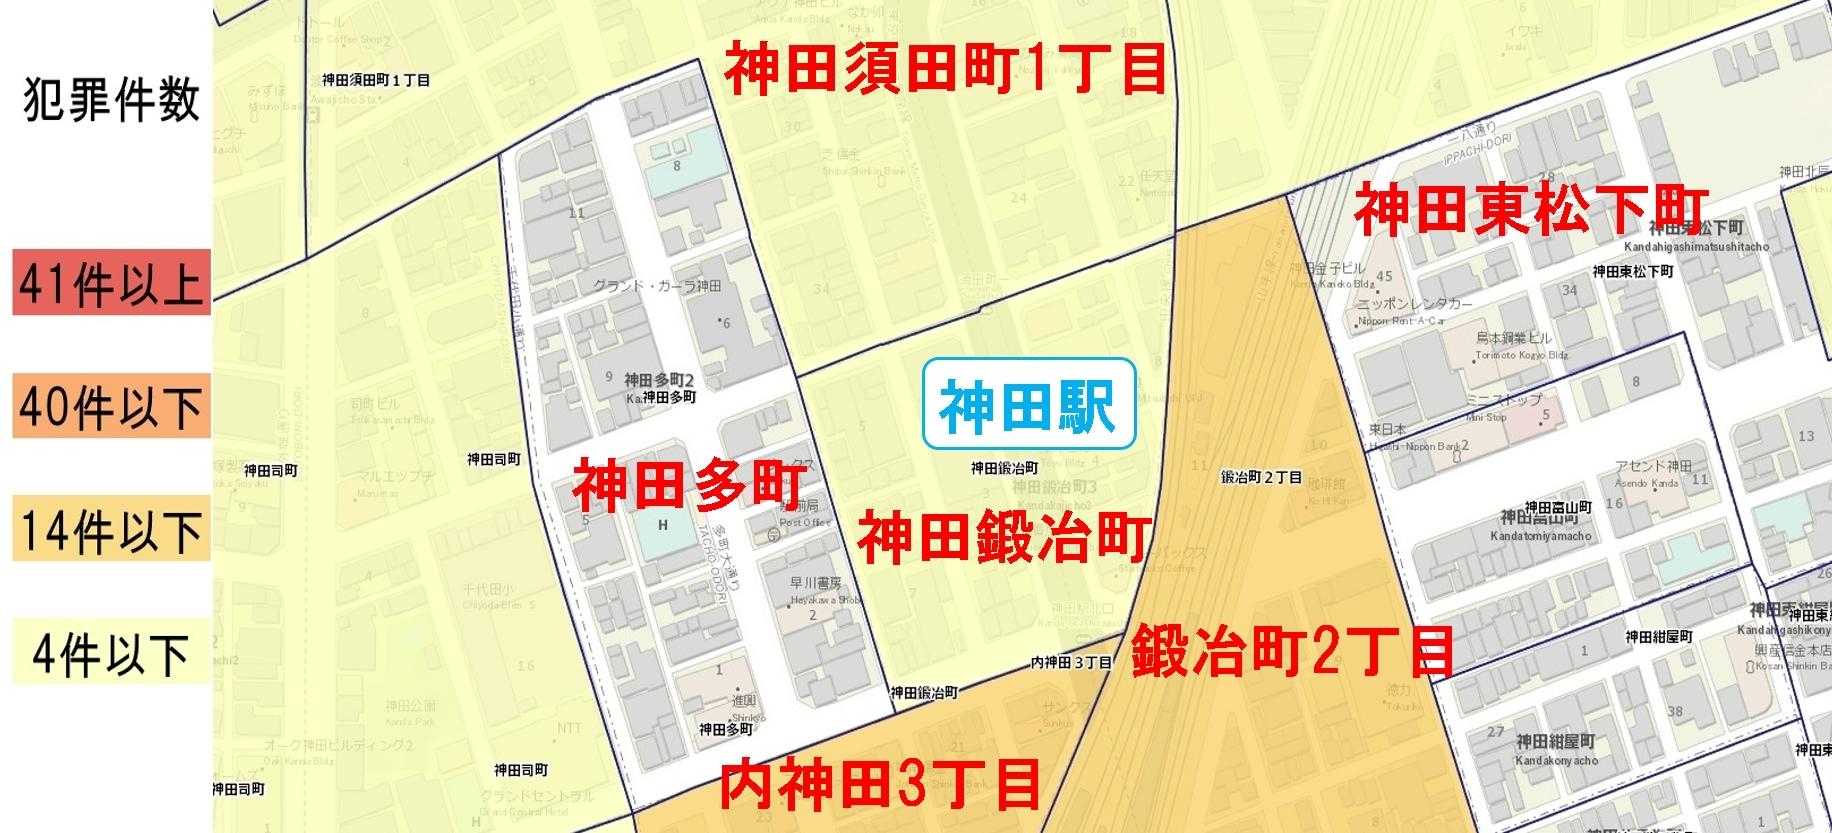 神田駅周辺の粗暴犯の犯罪件数マップ